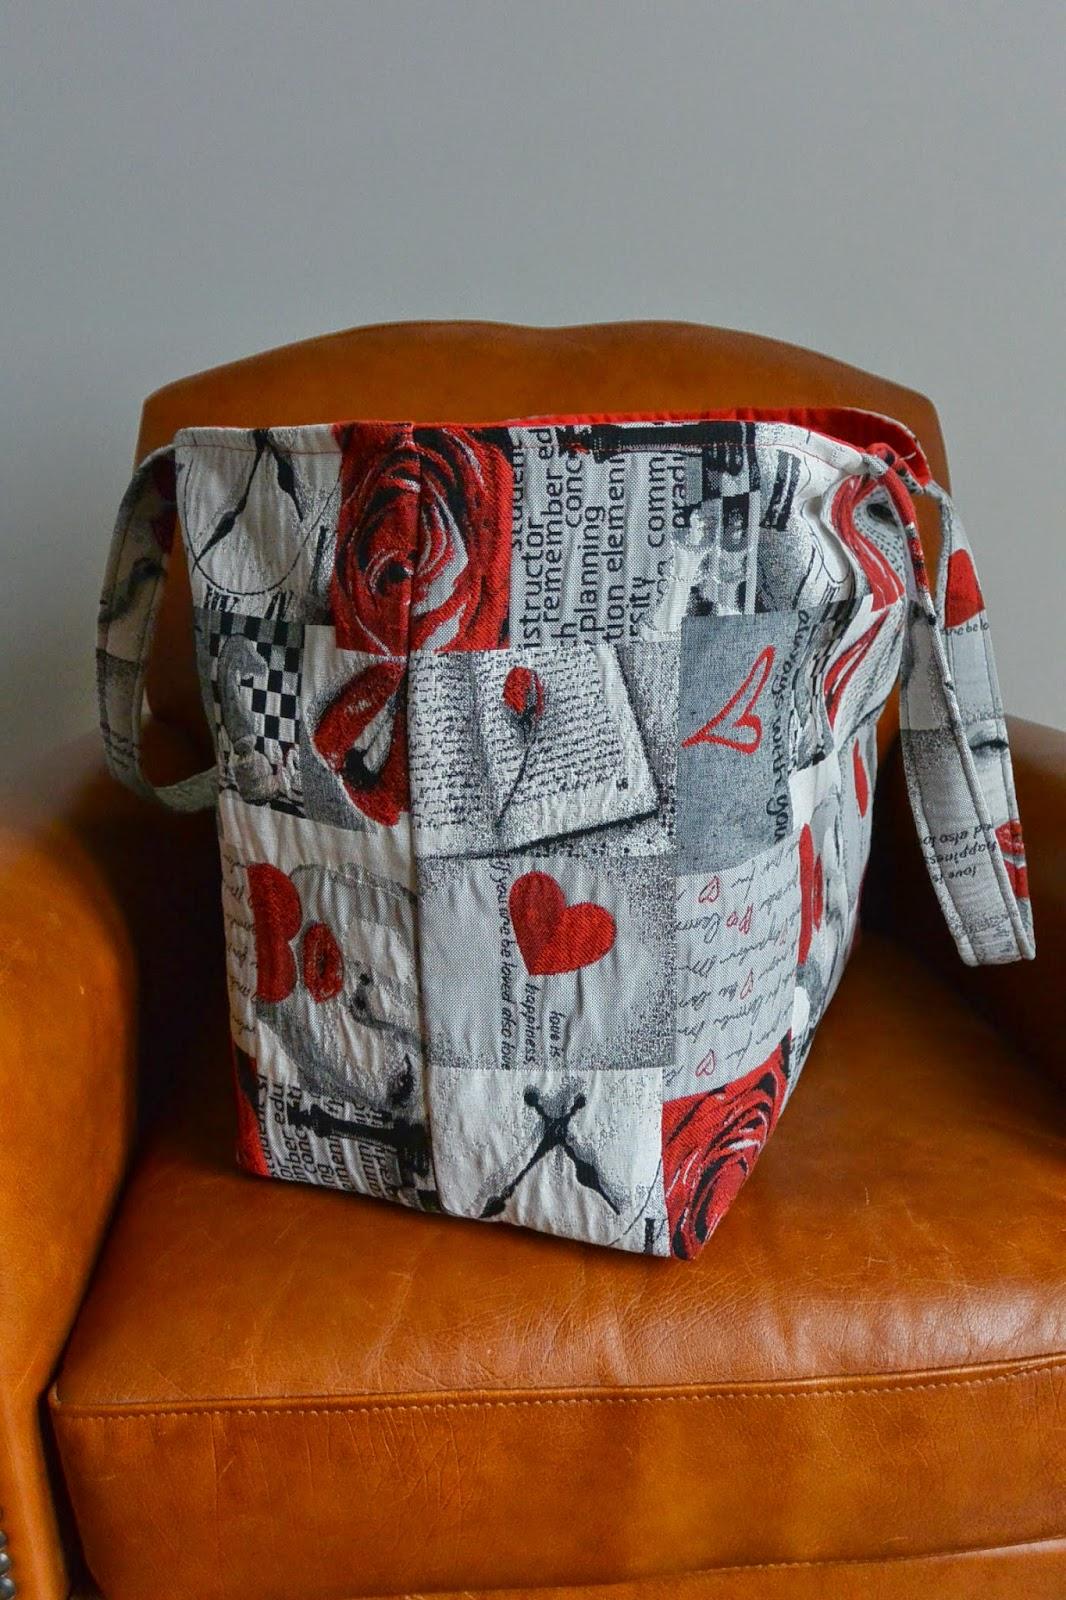 Sac XXL en tissu jacquard, grosse capacité de rangement. 2 poches intérieures. Rouge et bisous saint valentin.